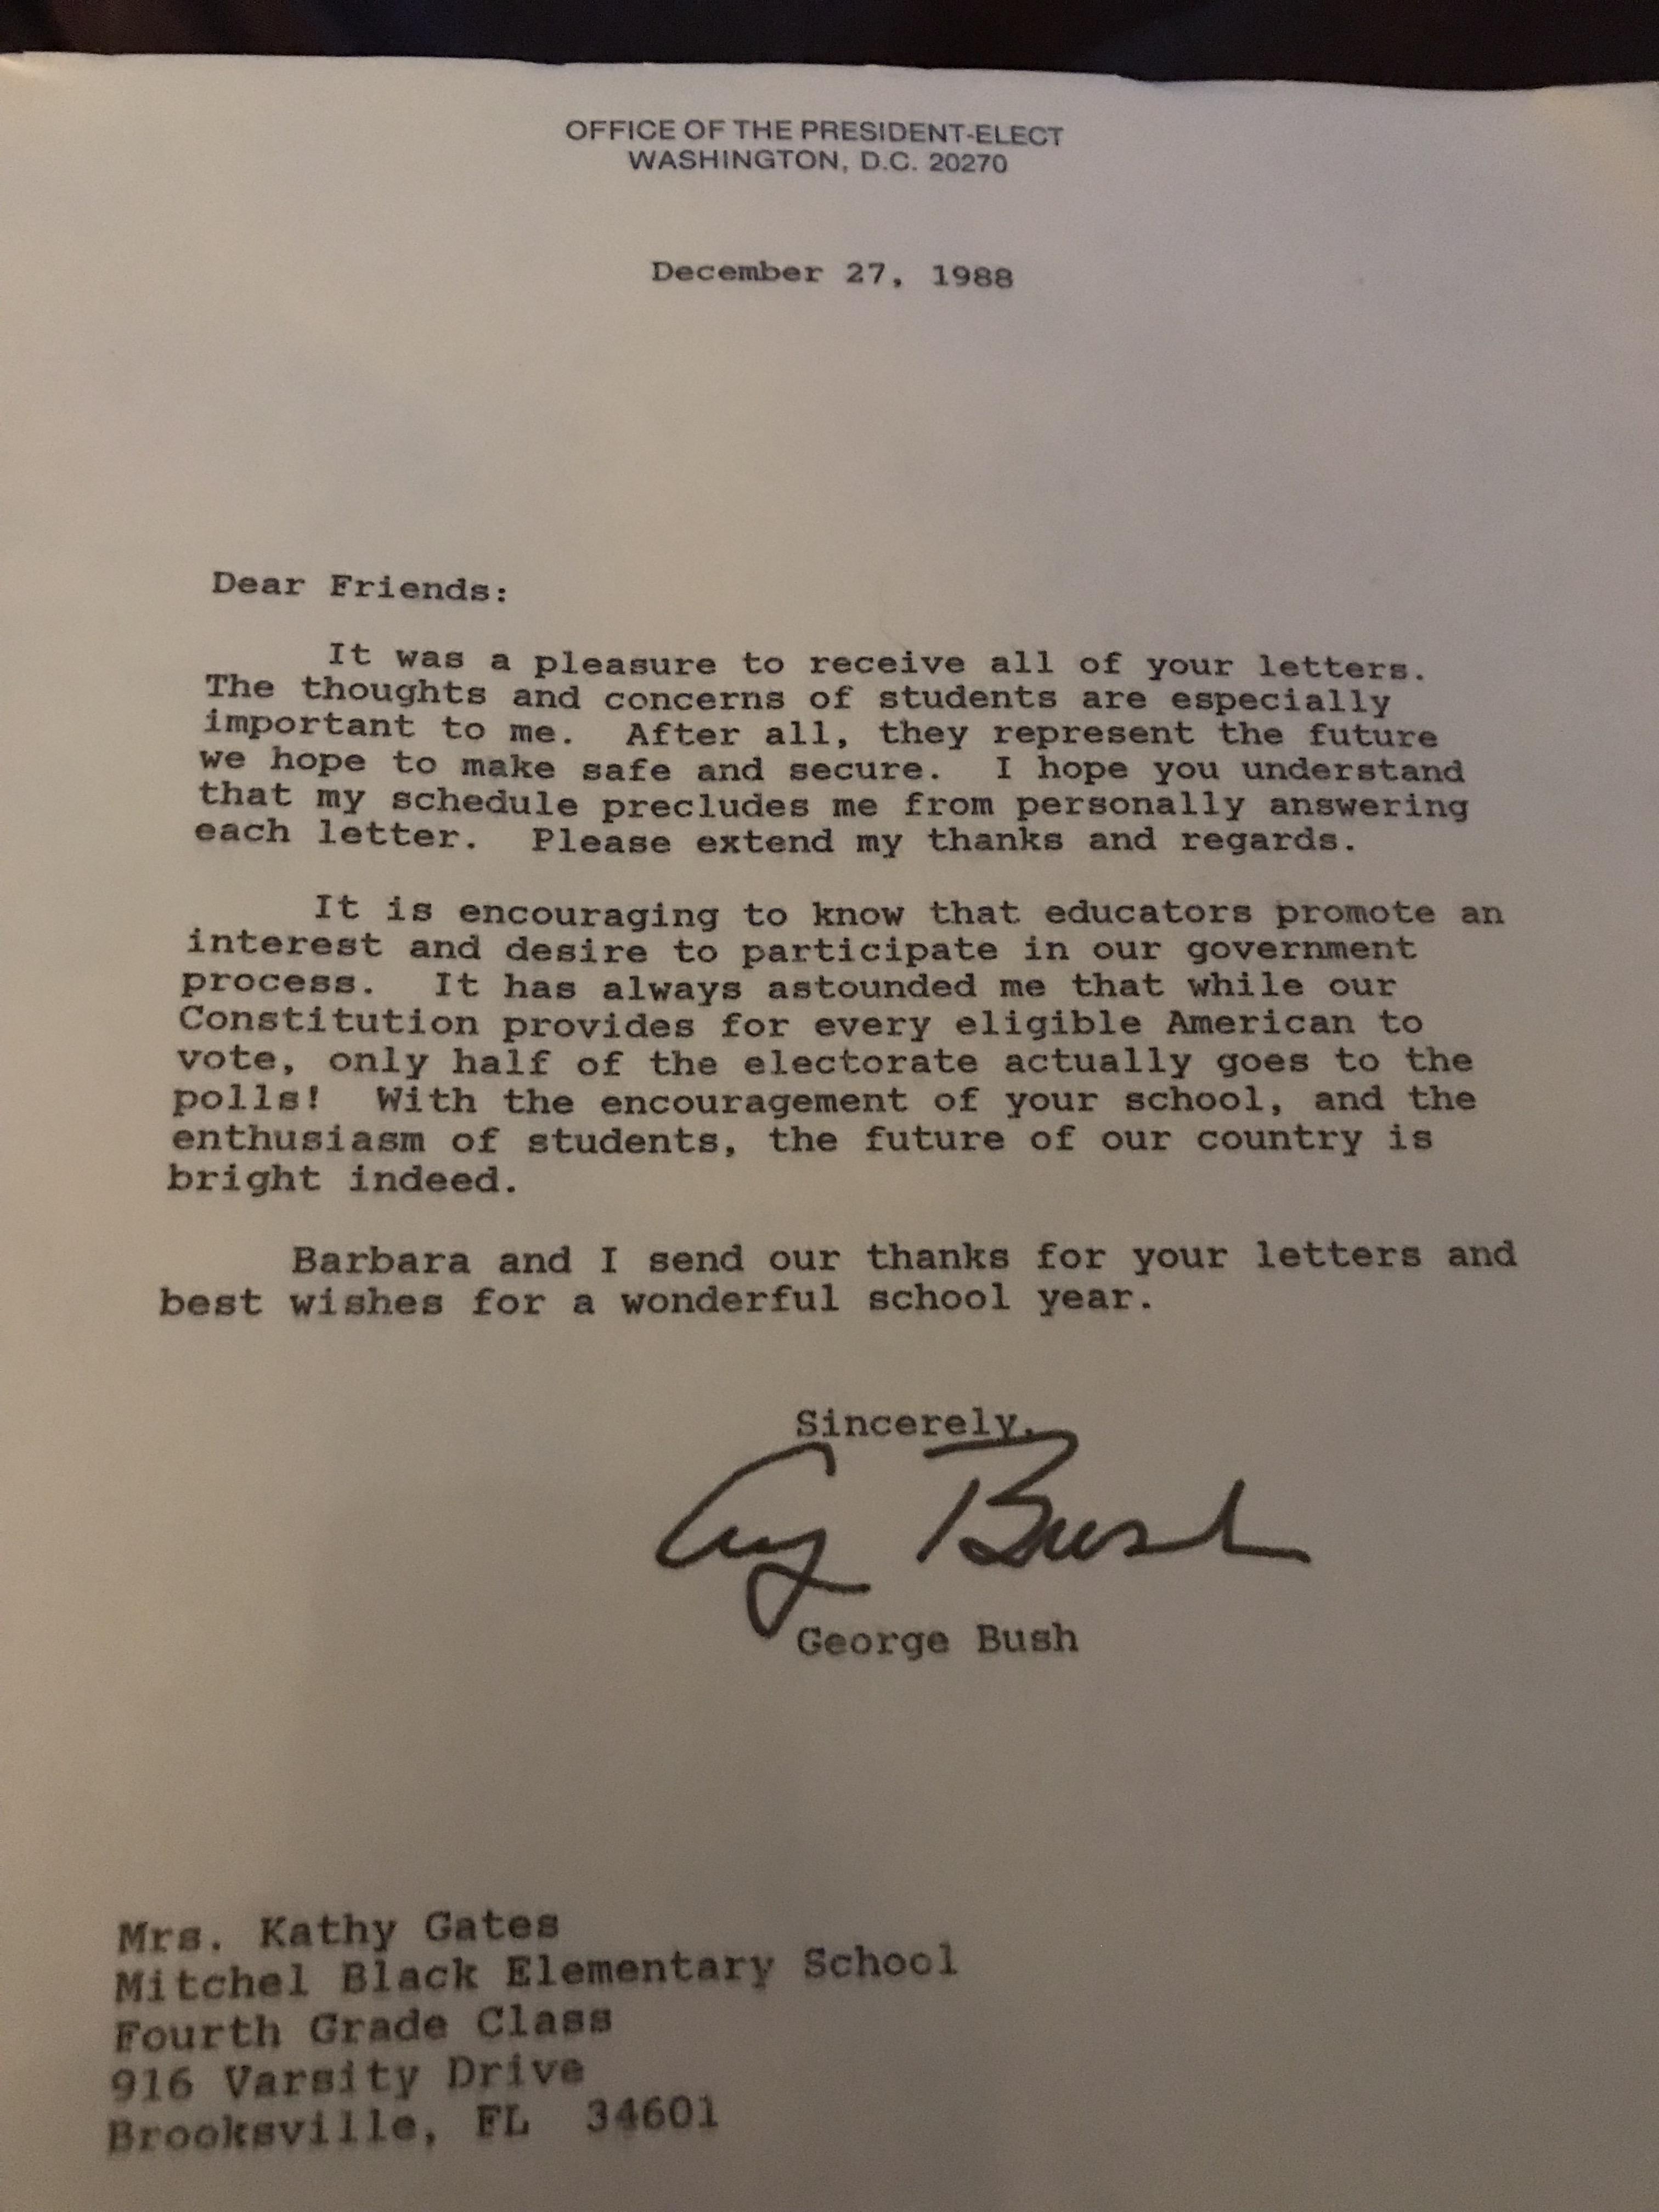 George H.W. Bush Library Foundation 19da546865b